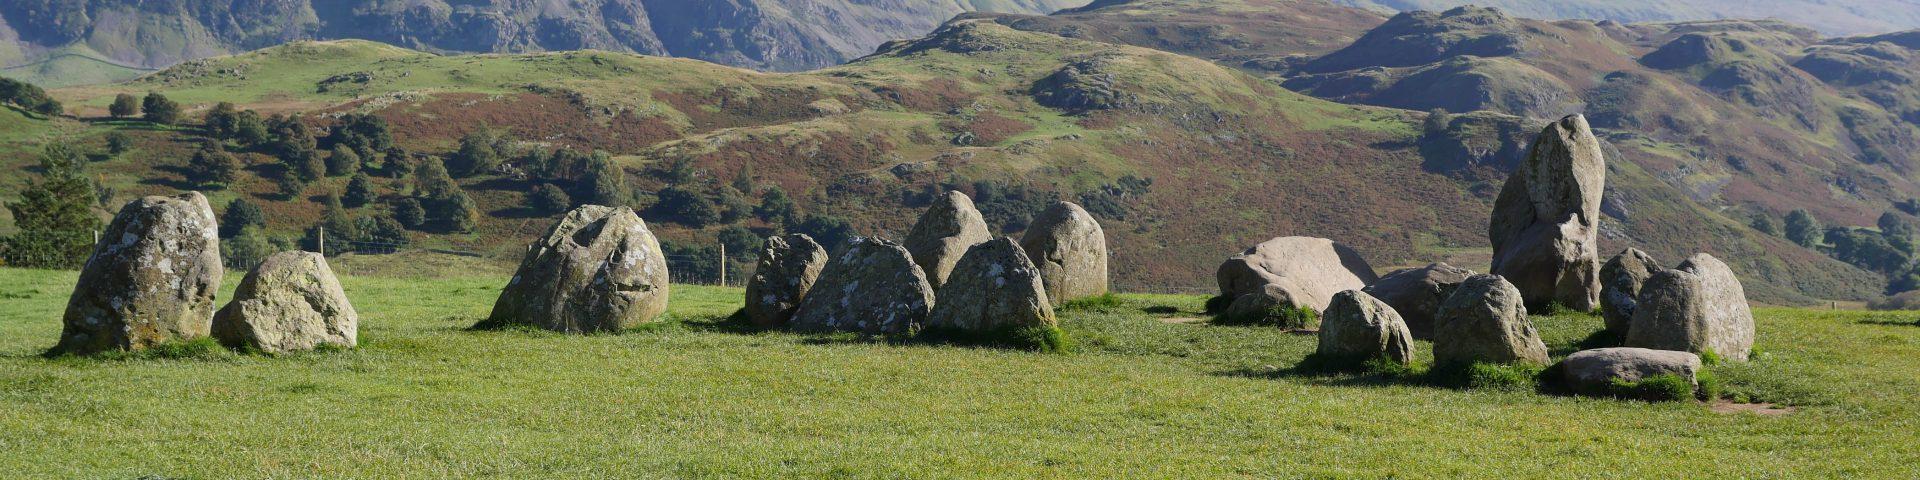 Castlerigg stone circle Lake District